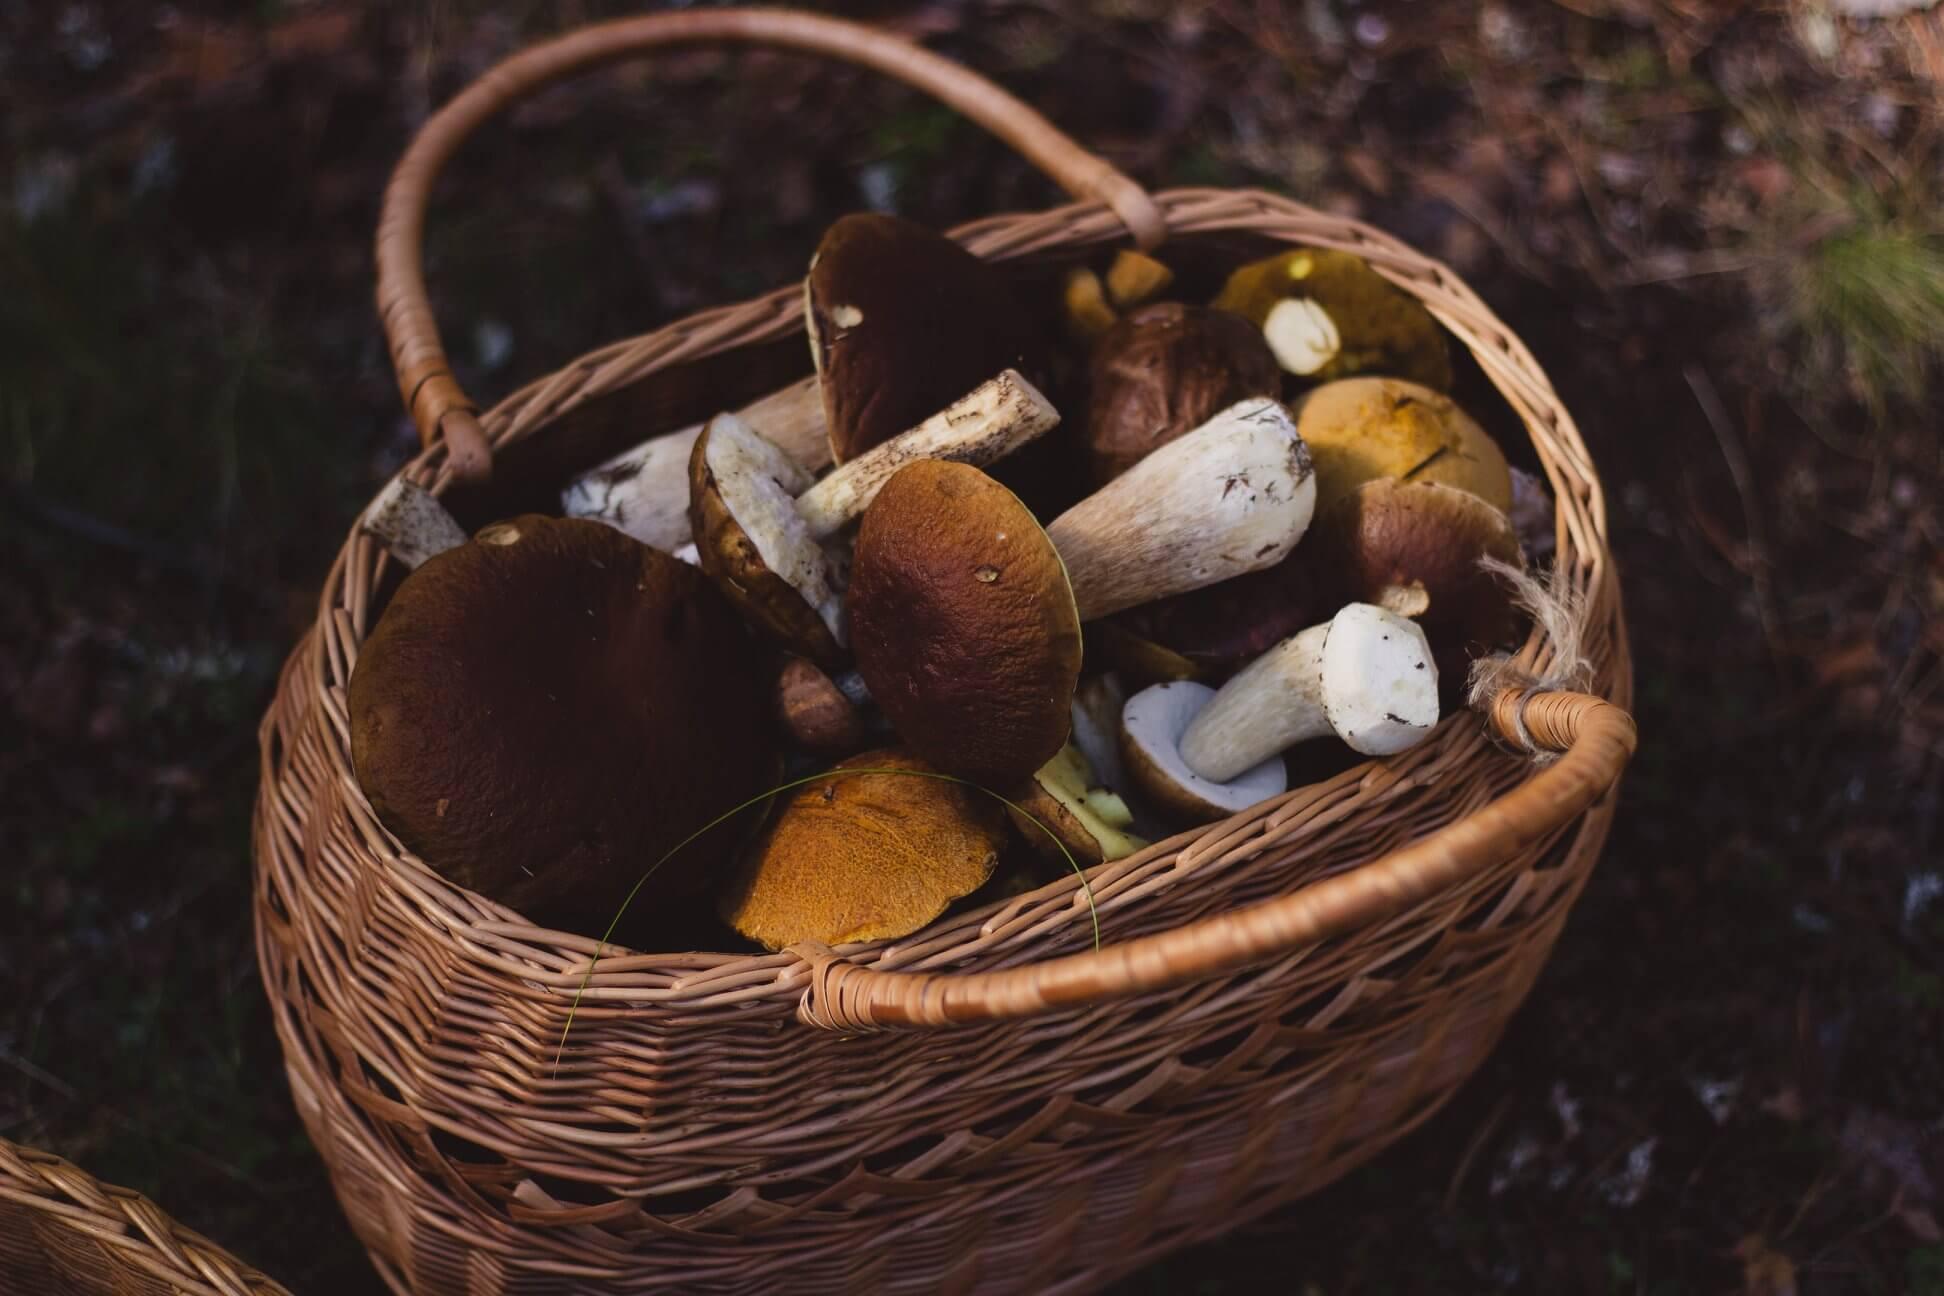 Cestino con porcini - Festa dei funghi